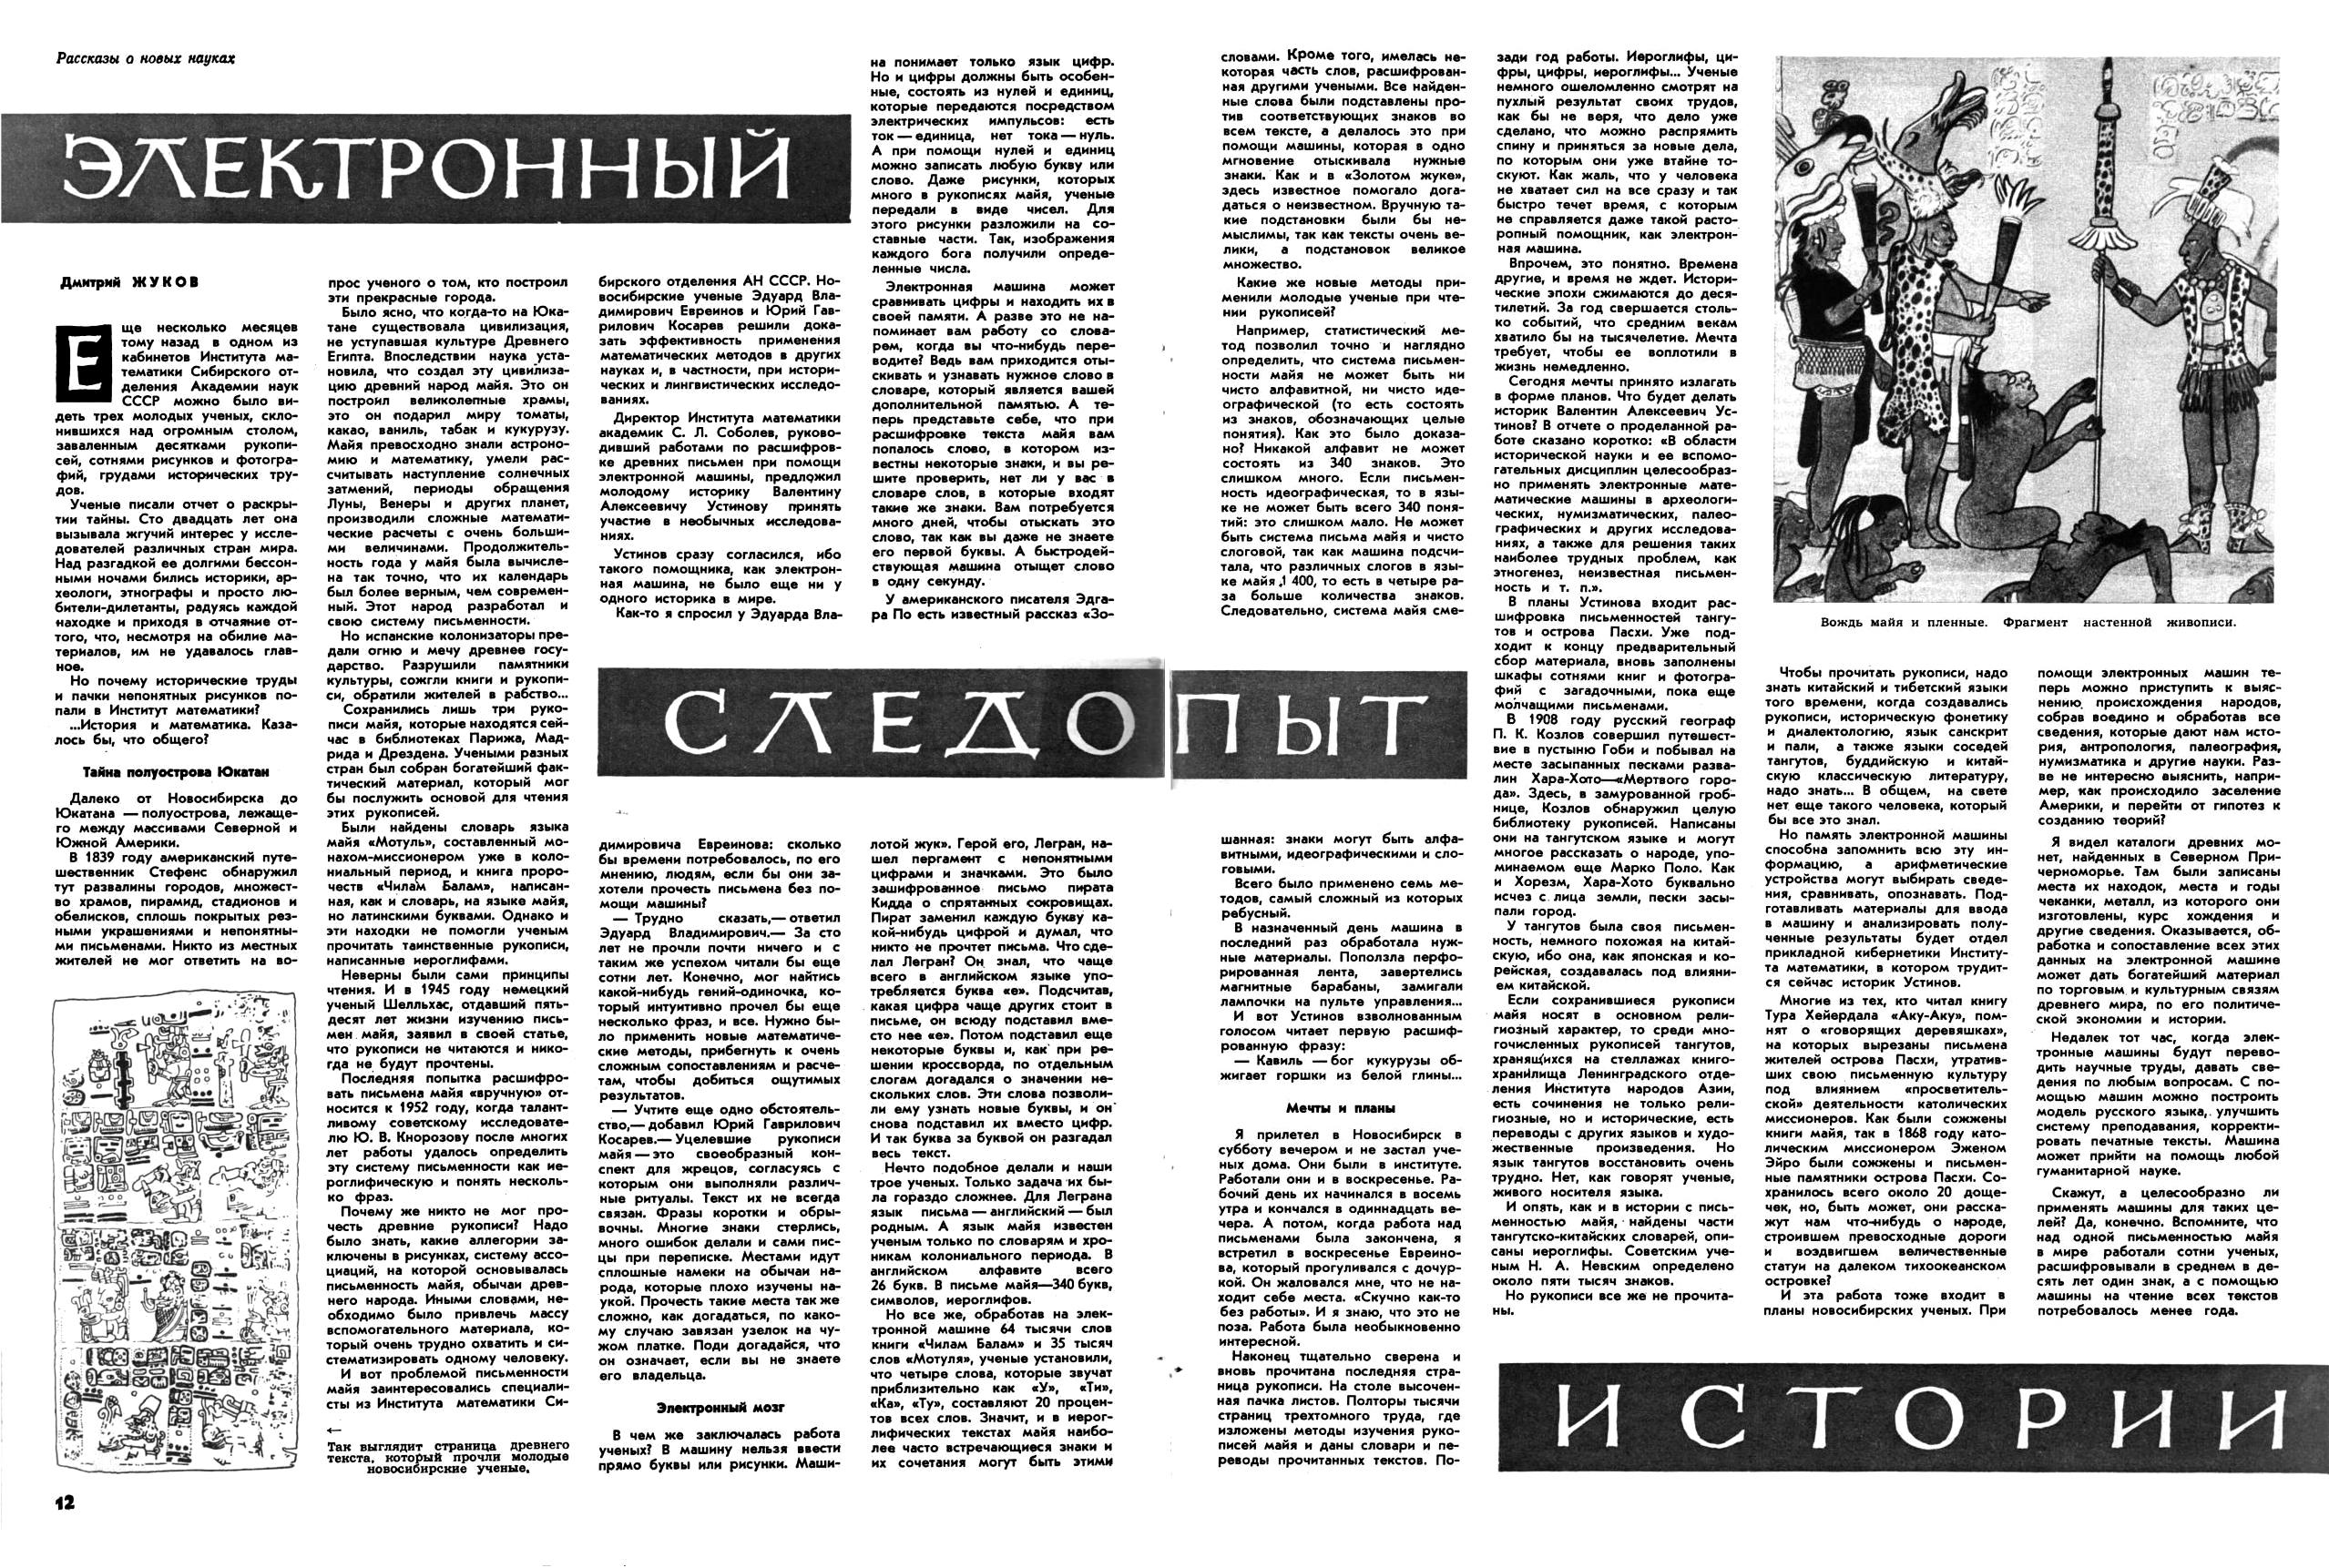 Zhukov-1962